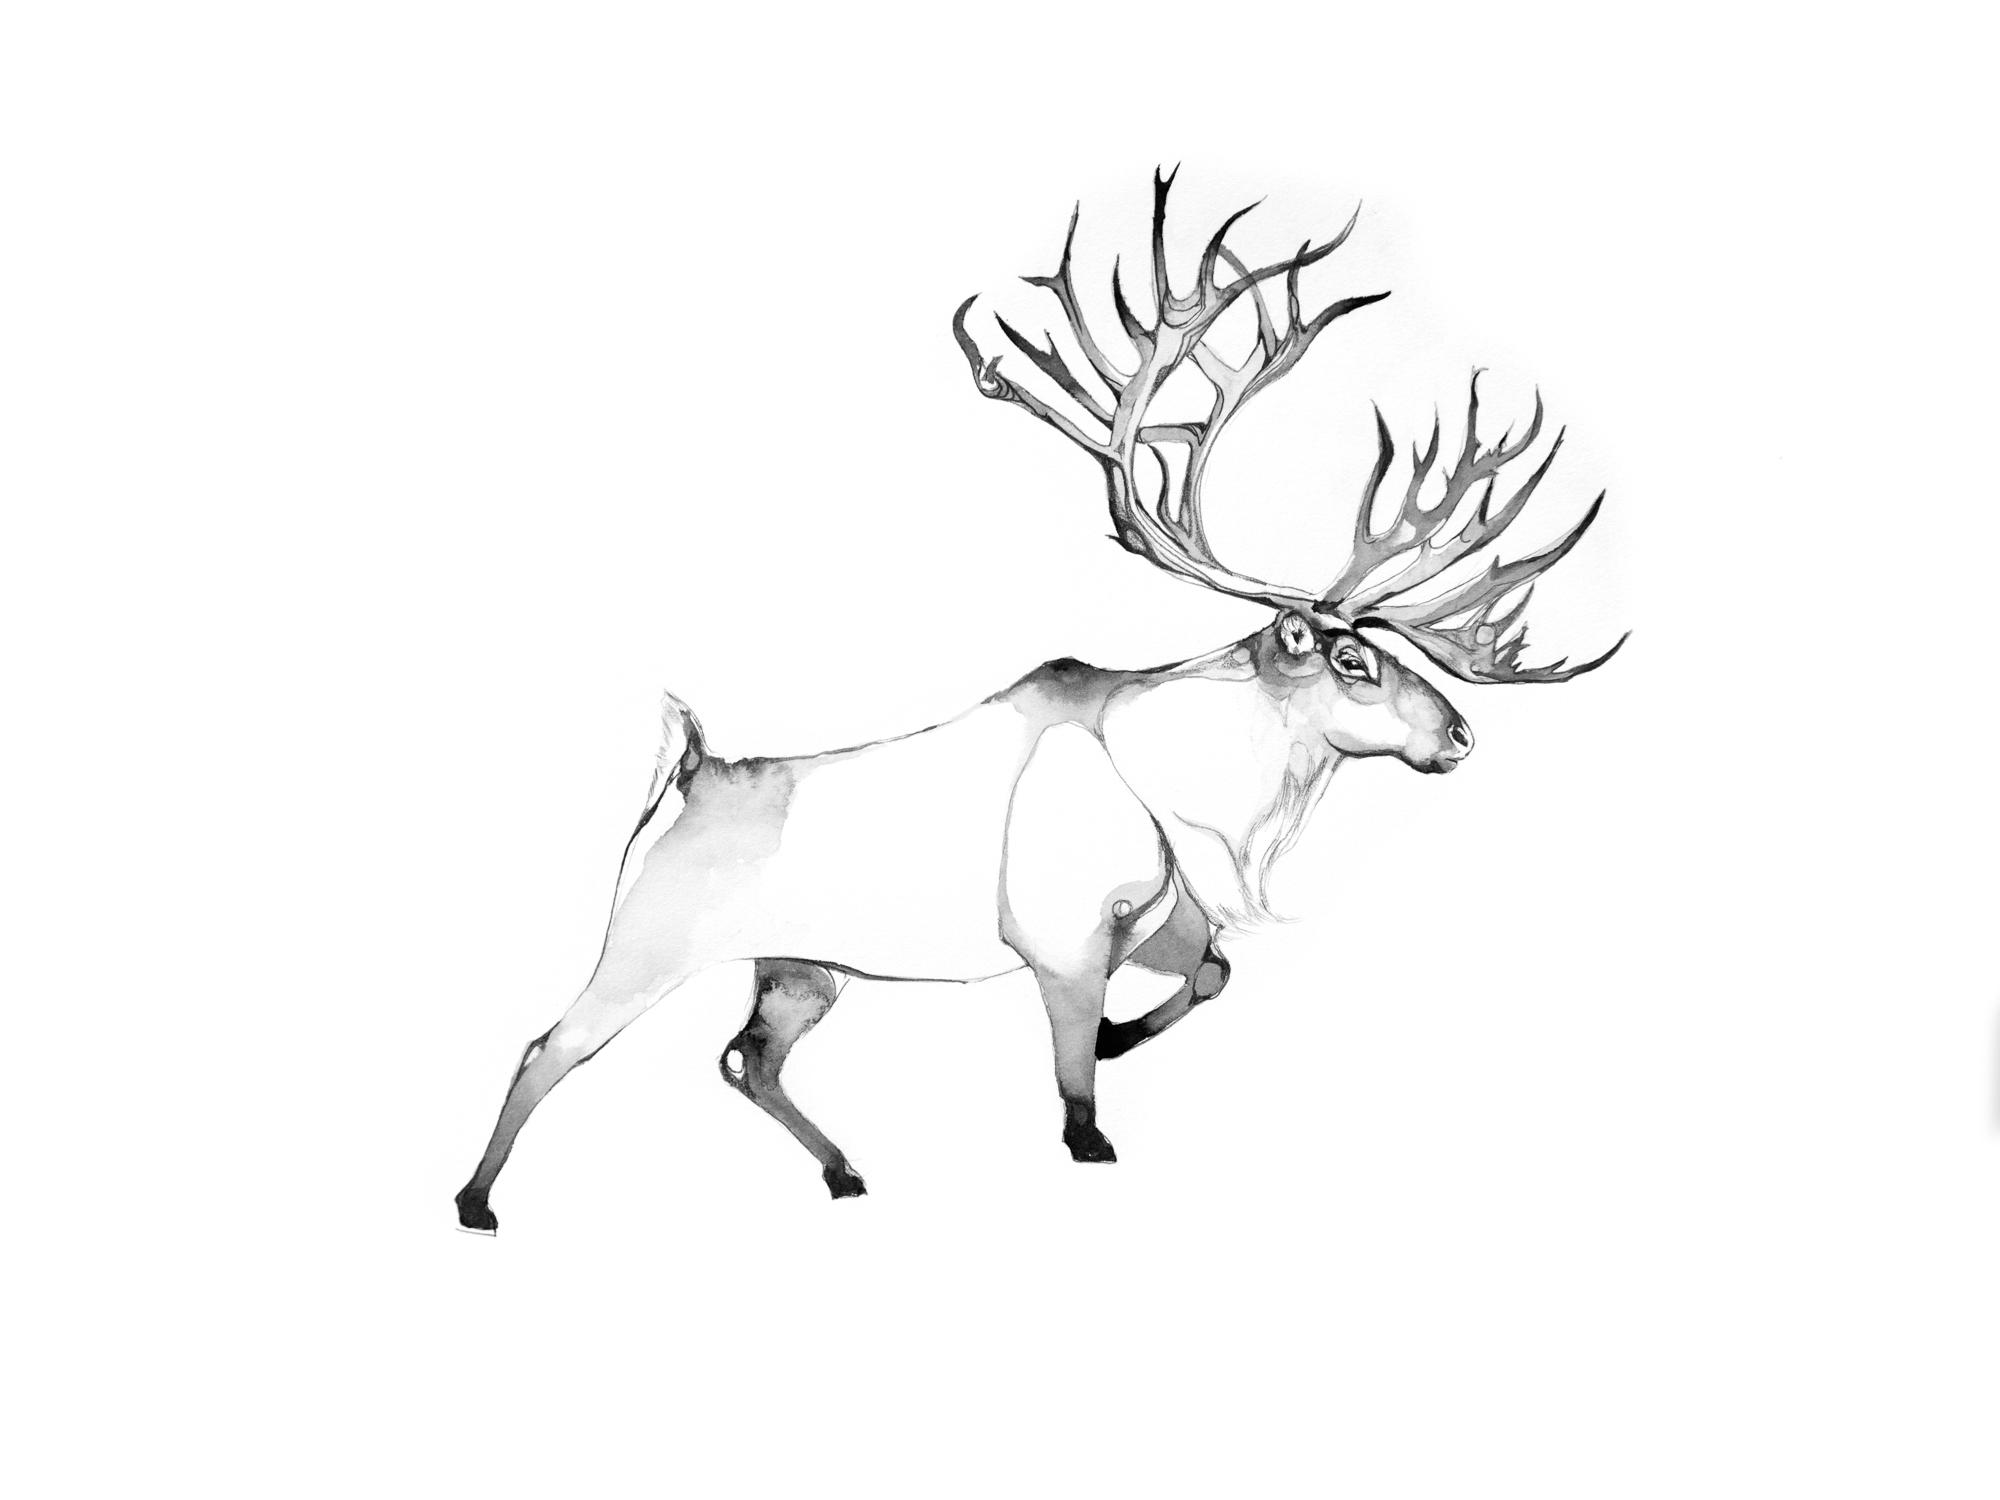 4-Bec_Kilpatrick_Illustration_Antlers_WingsREINDEER